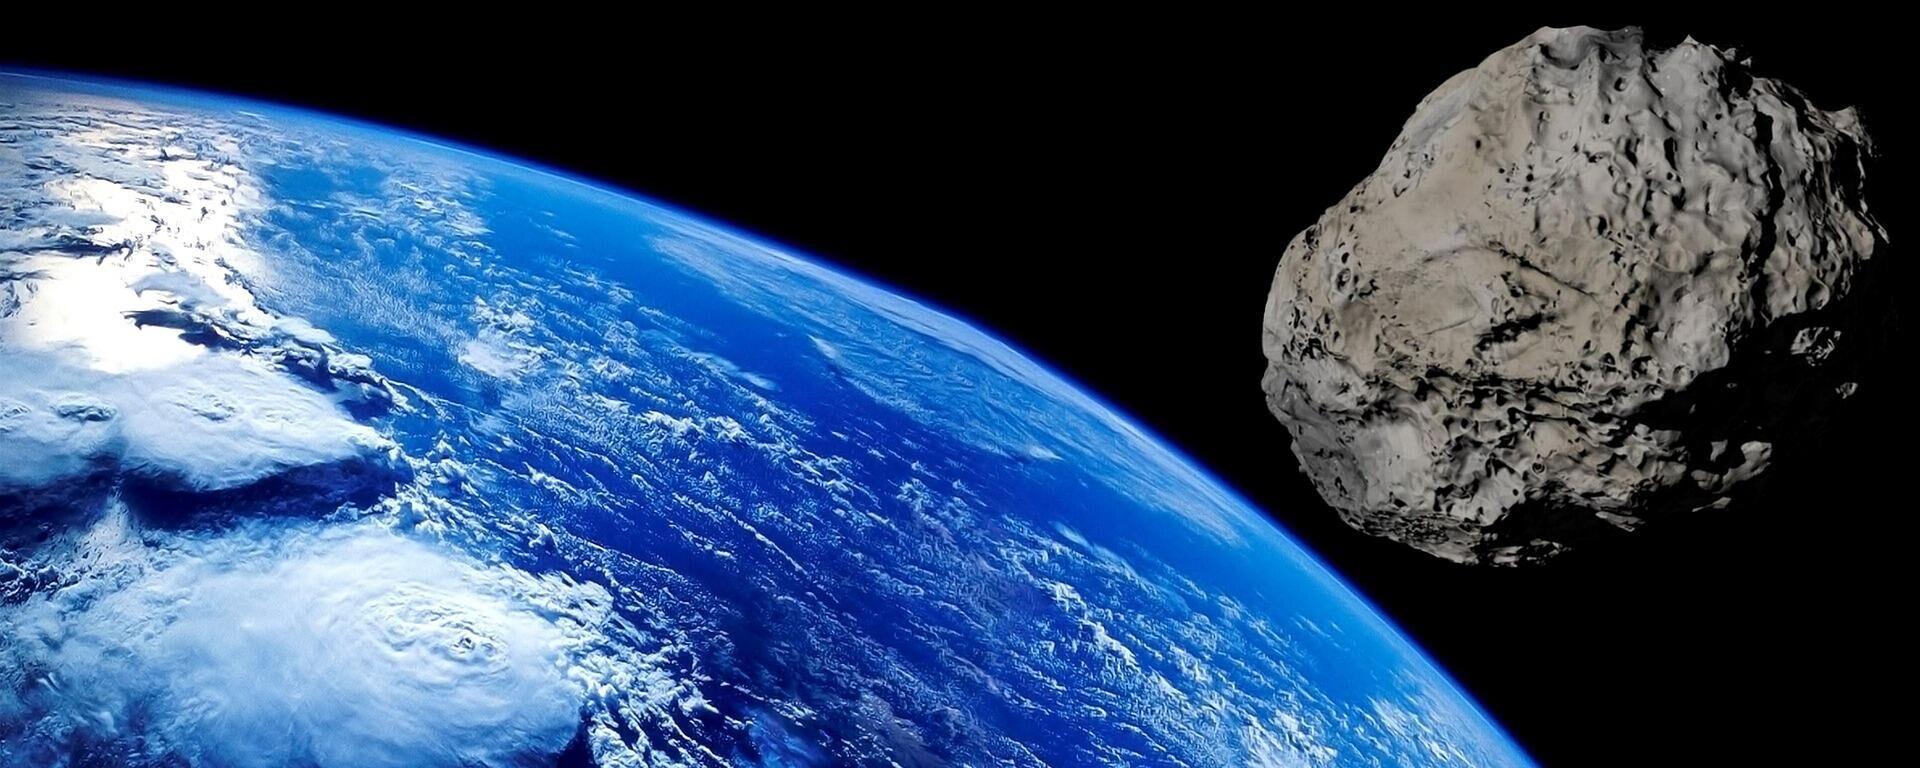 Asteroid (Symbolbild) - SNA, 1920, 28.09.2021